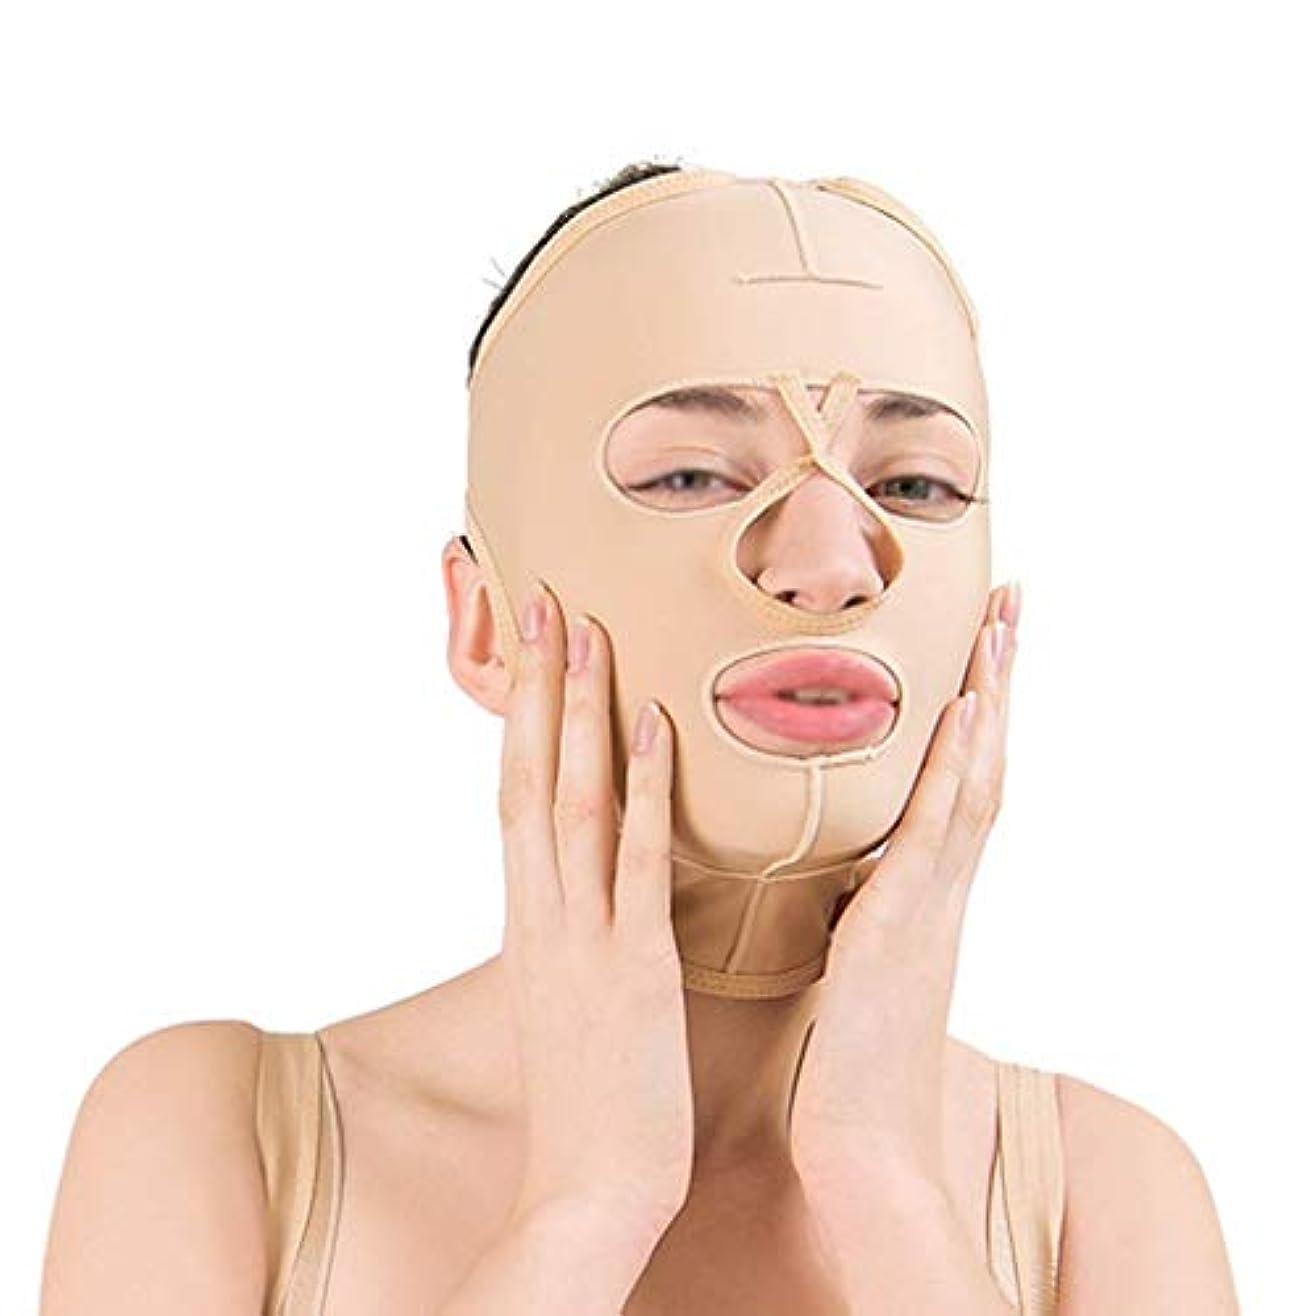 脅かすキャッシュ反対フェイススリミングマスク、フェイスバンデージ付きフェイシャル減量マスク、通気性フェイスリフト、引き締め、フェイスリフティング(サイズ:L),XL